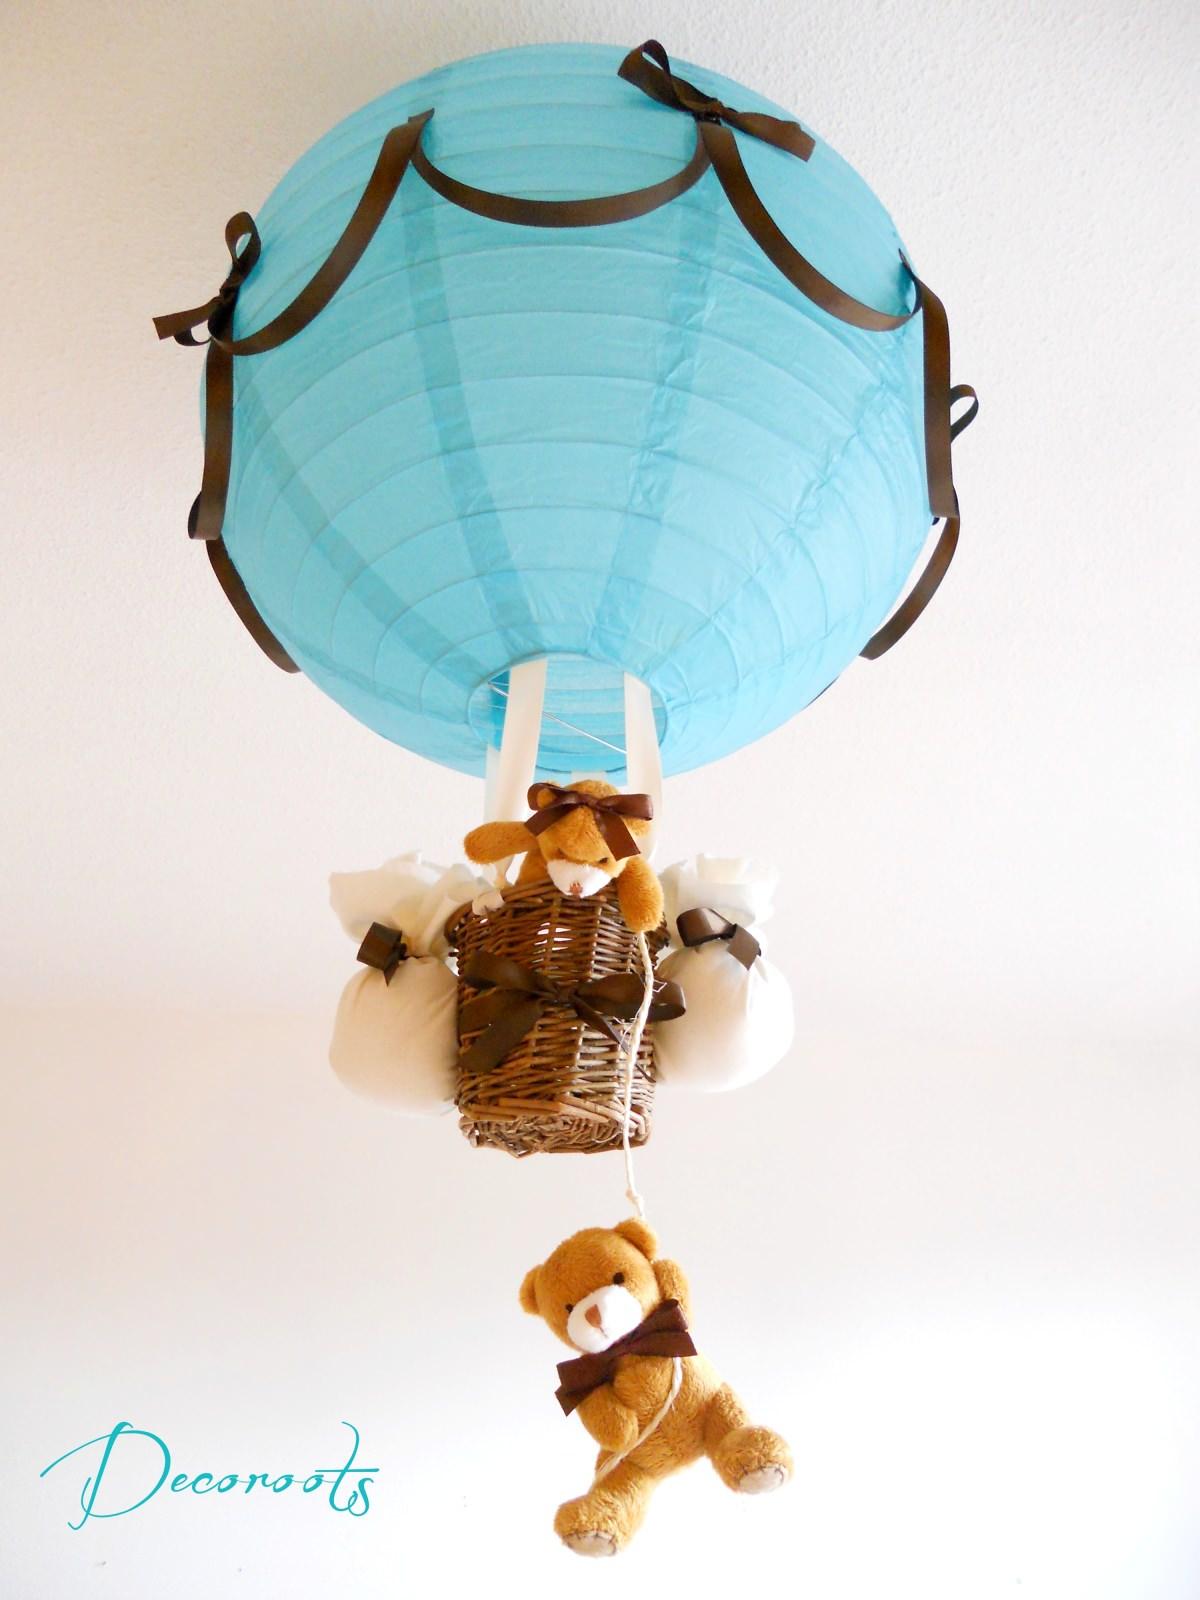 lampe montgolfi re enfant b b cr ation artisanale. Black Bedroom Furniture Sets. Home Design Ideas